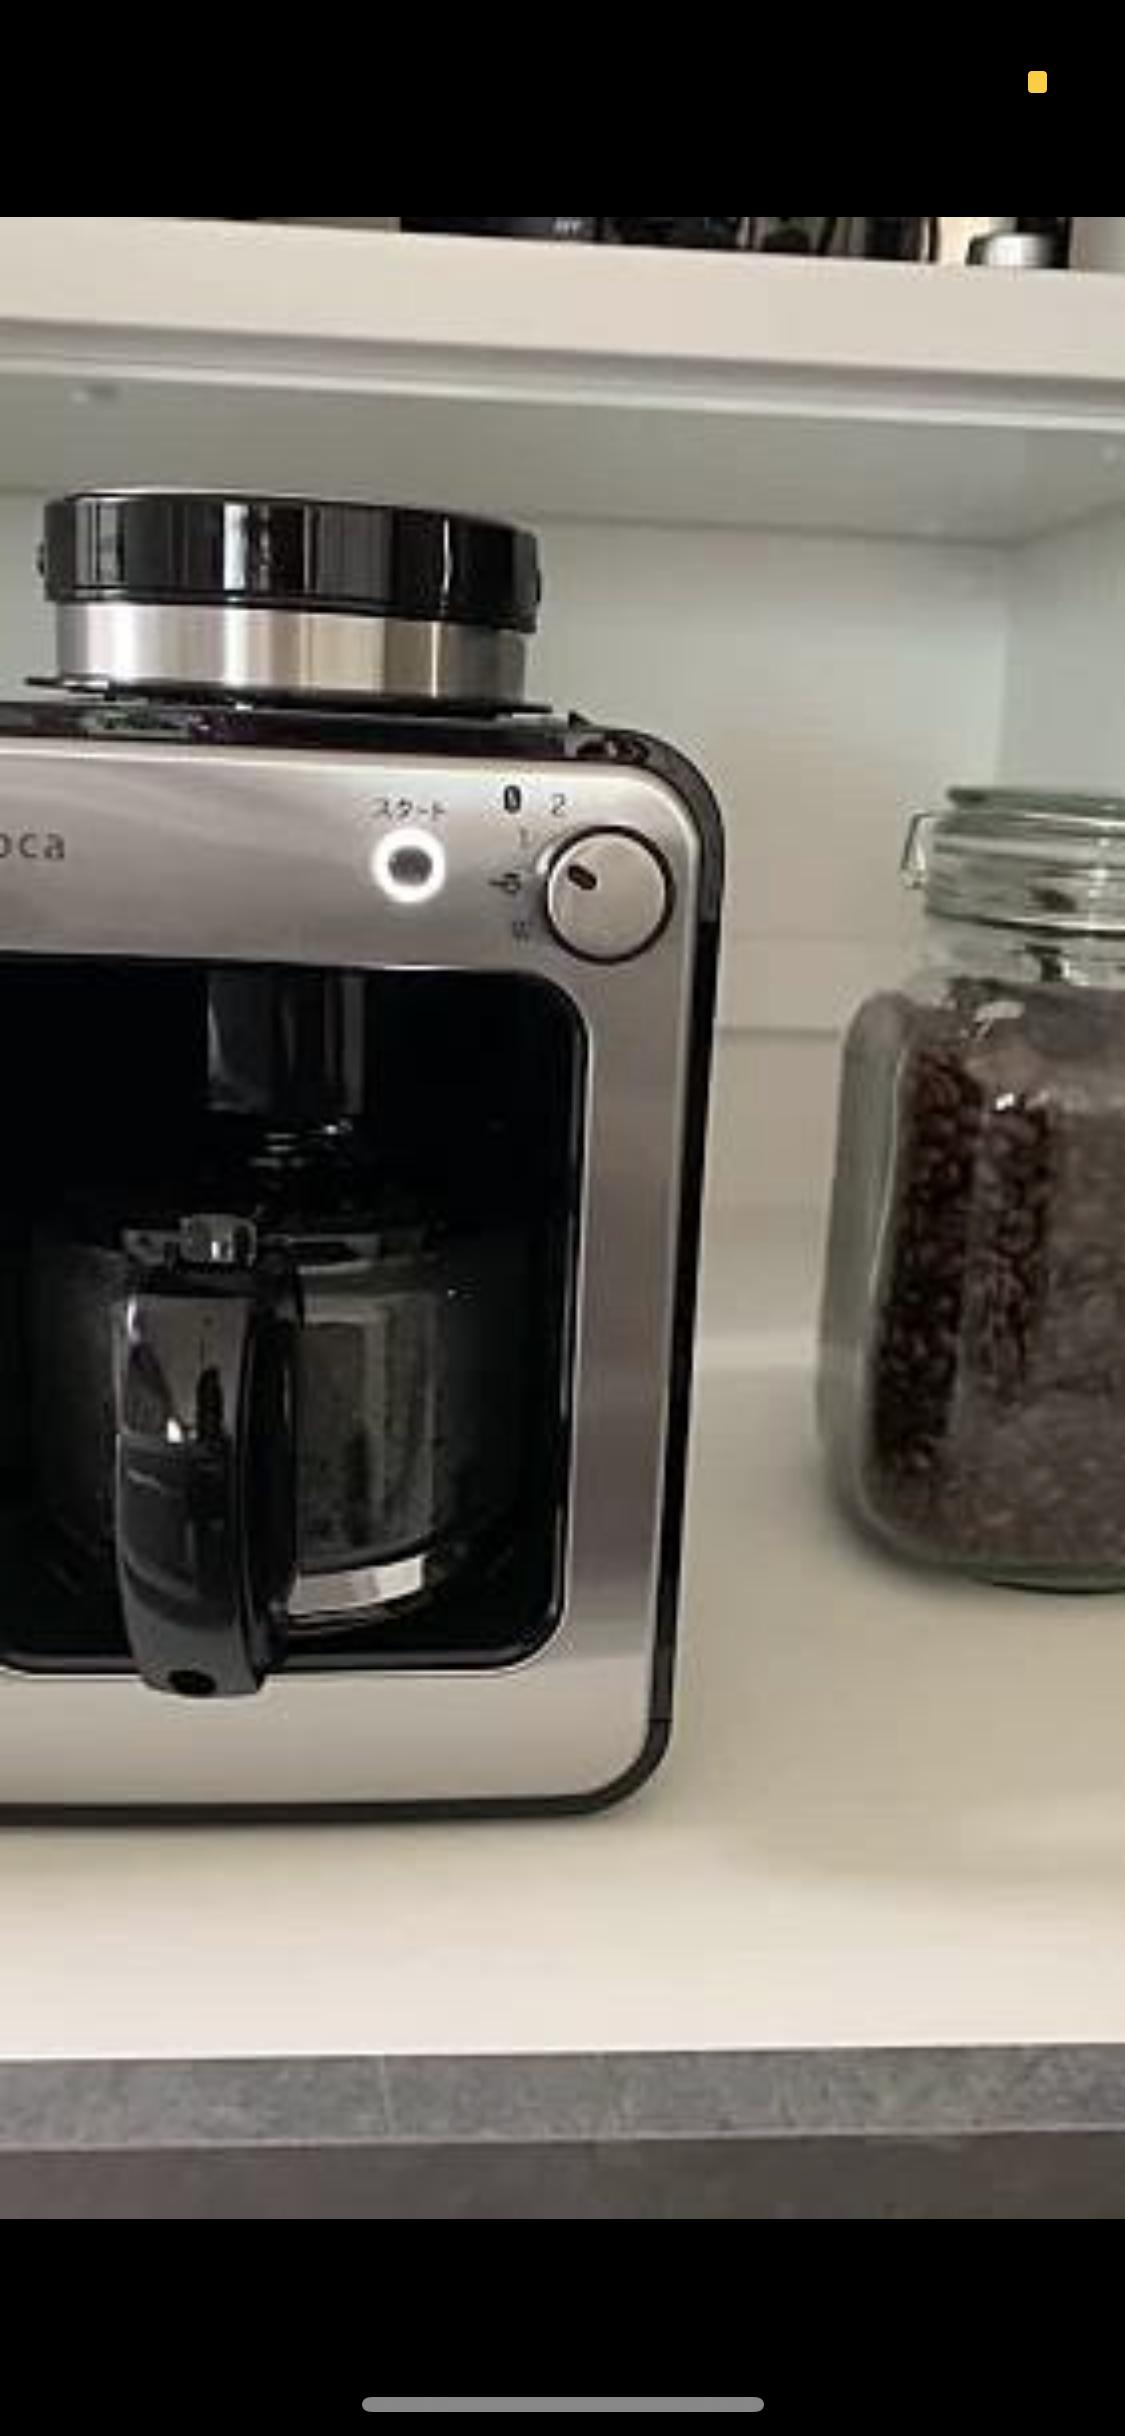 siroca(シロカ)全自動コーヒーメーカー カフェばこ SC-A211を使ったmaiさんのクチコミ画像1